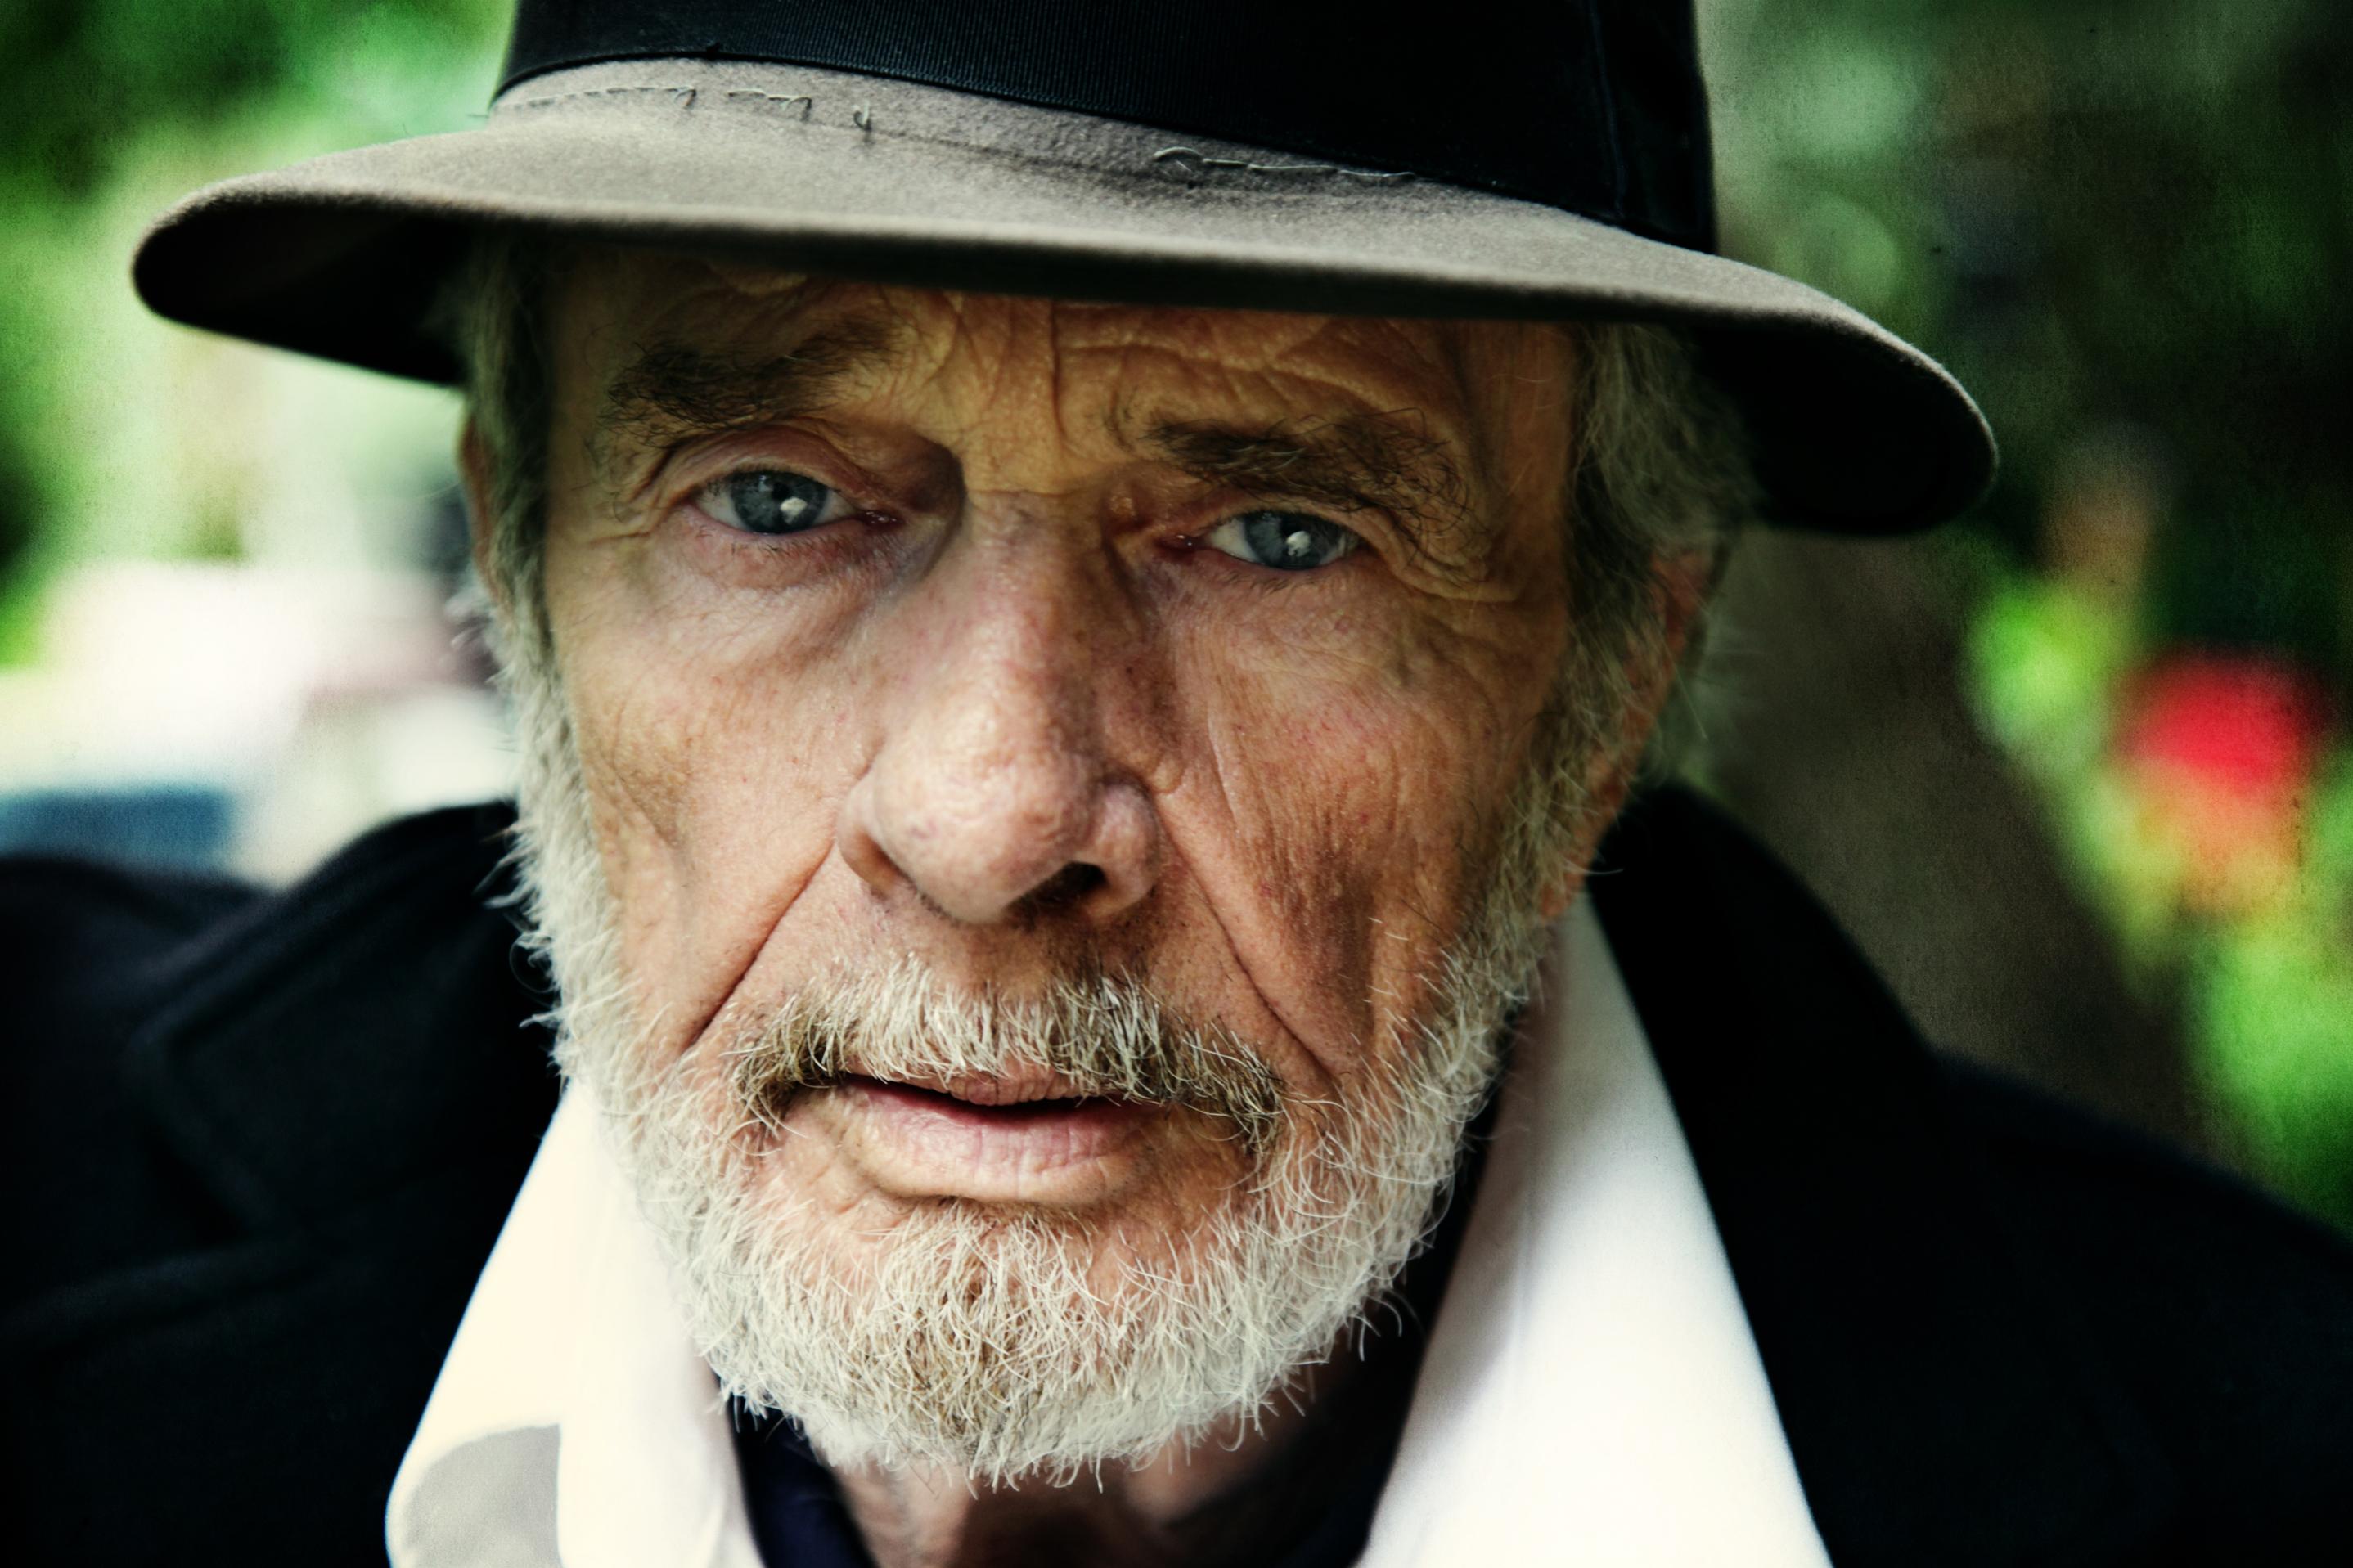 4/6/16-Merle Haggard dies